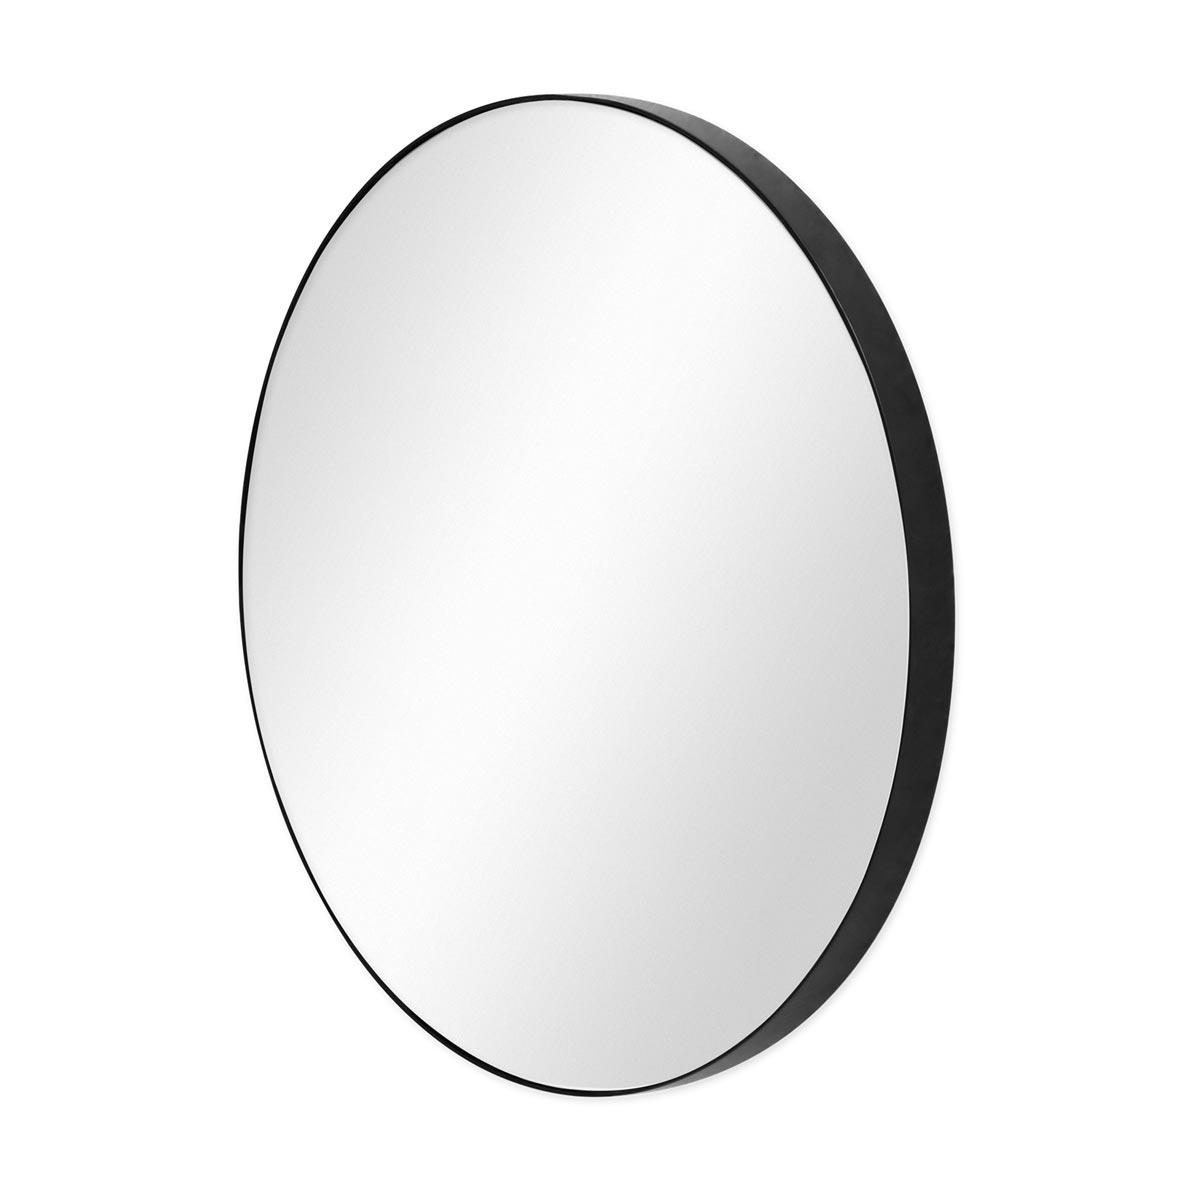 Spiegel Rund Schwarz Mit Metall Rahmen 50 Cm Durchmesser